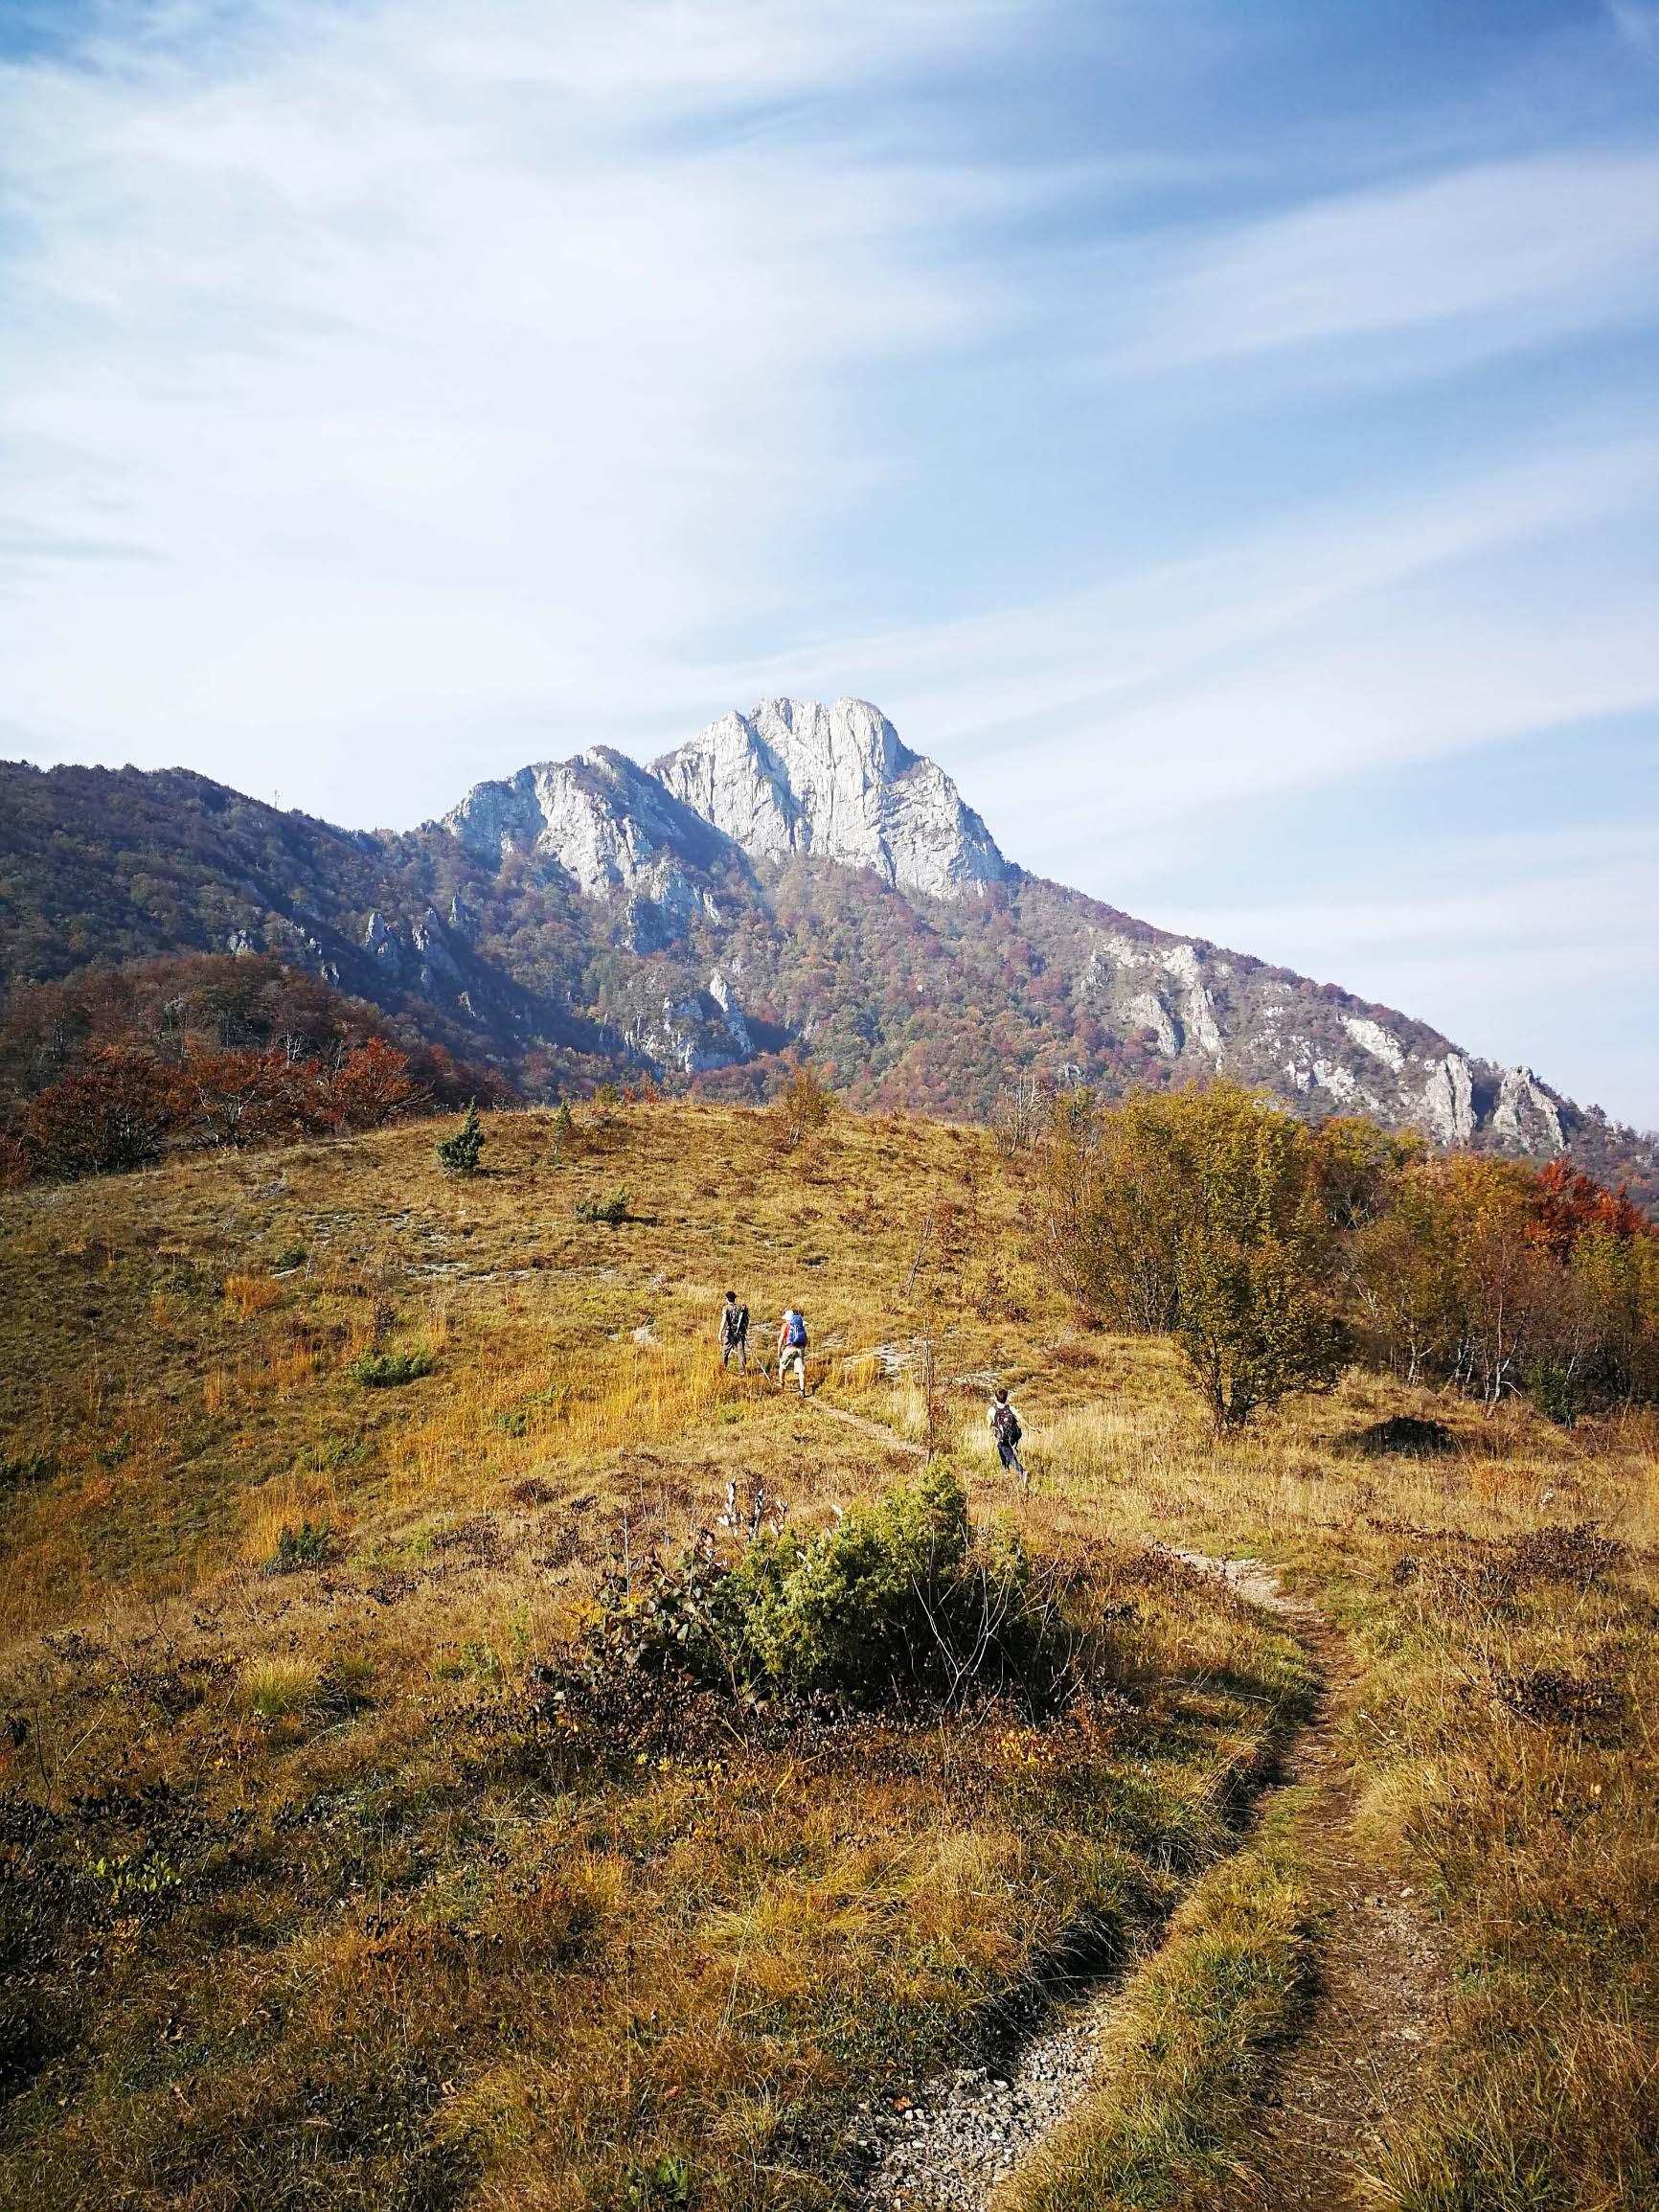 Vršna, 200 metara visoka stjenovita 'glava' Kleka impozantan je prizor iz podnožja planine, s koje se pruža spektakularan pogled na Ogulin